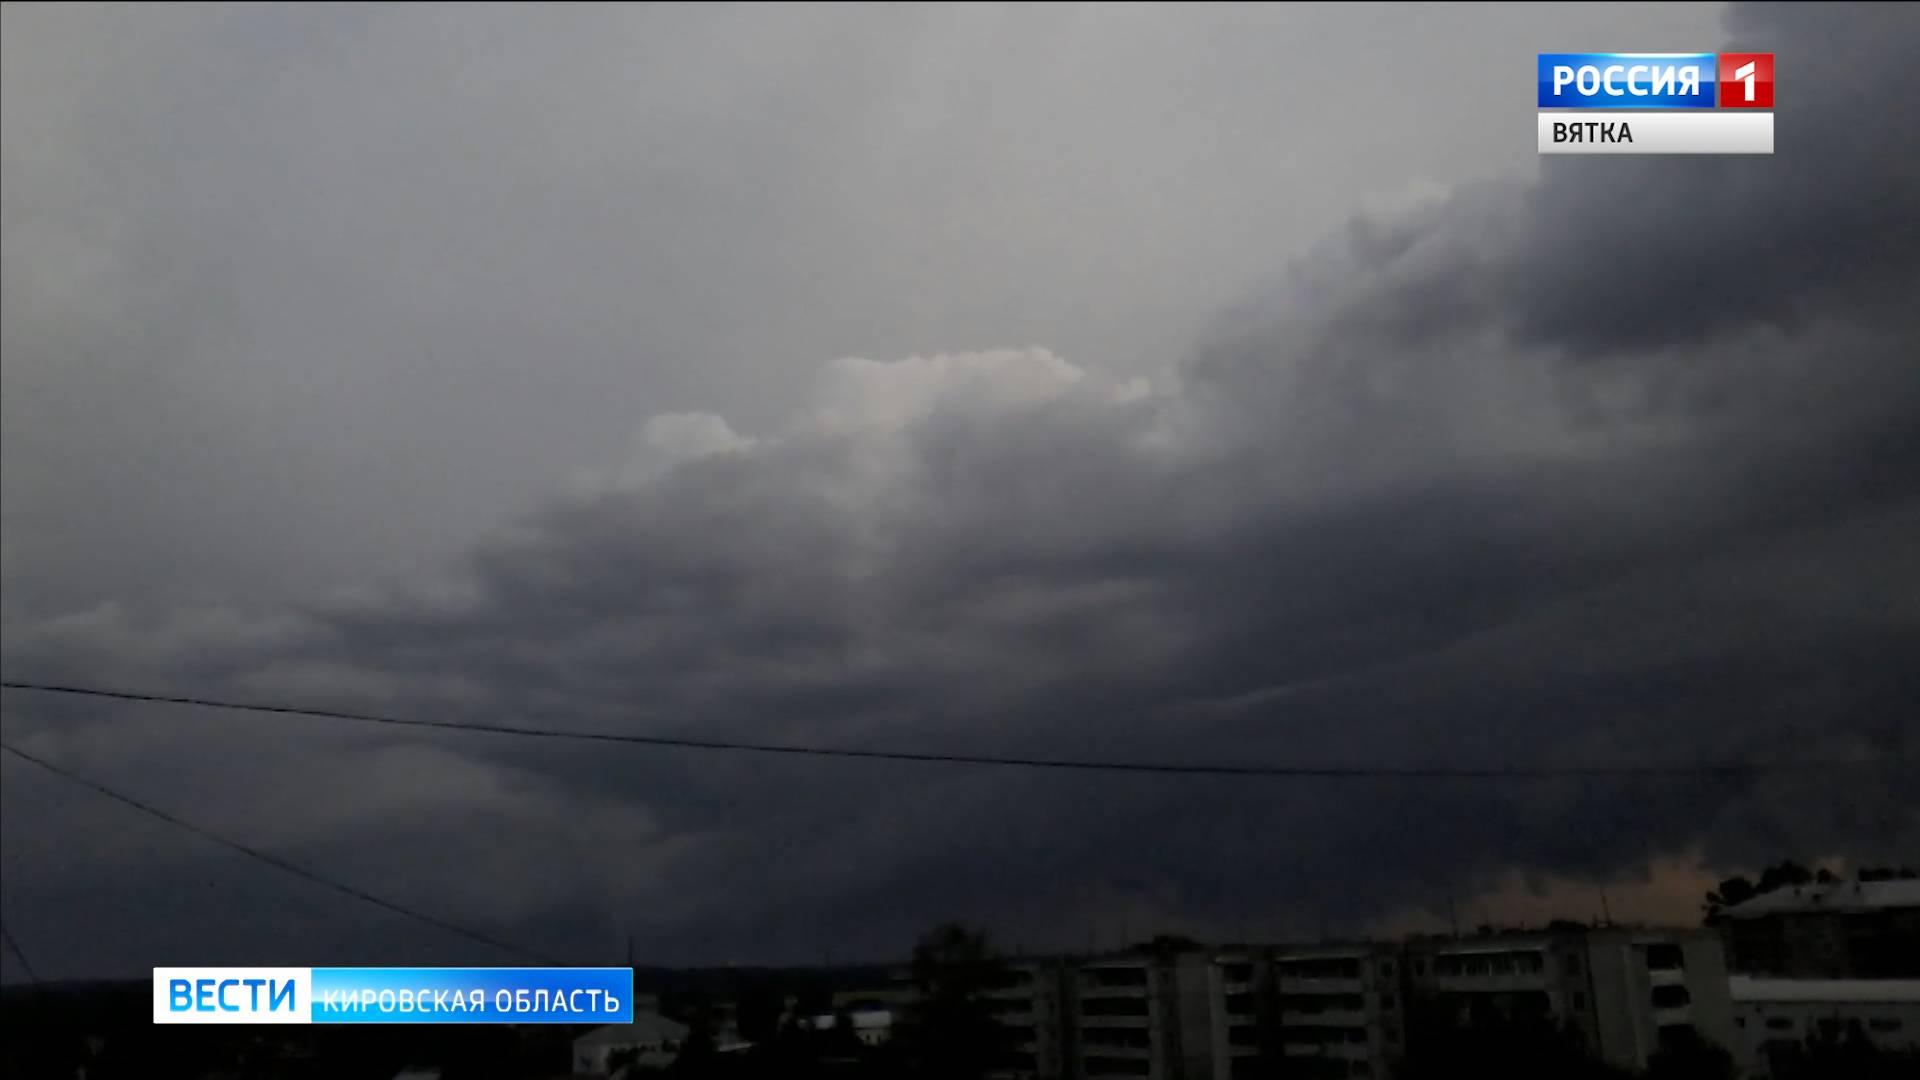 В Кировской области ожидаются грозы, ливни, шквалистое усиление ветра